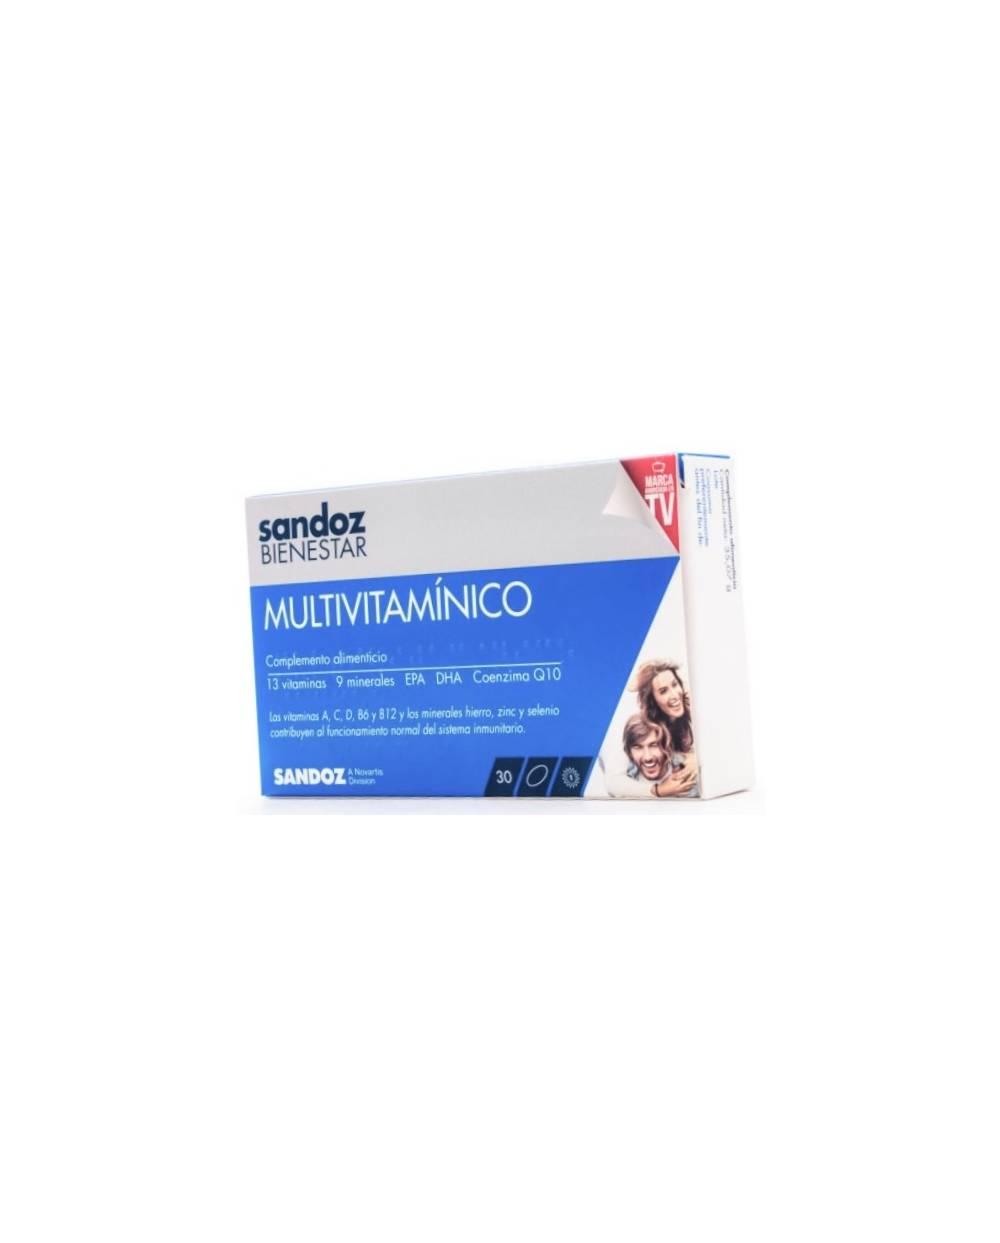 Multivitamínico 30 comprimidos sandoz bienestar